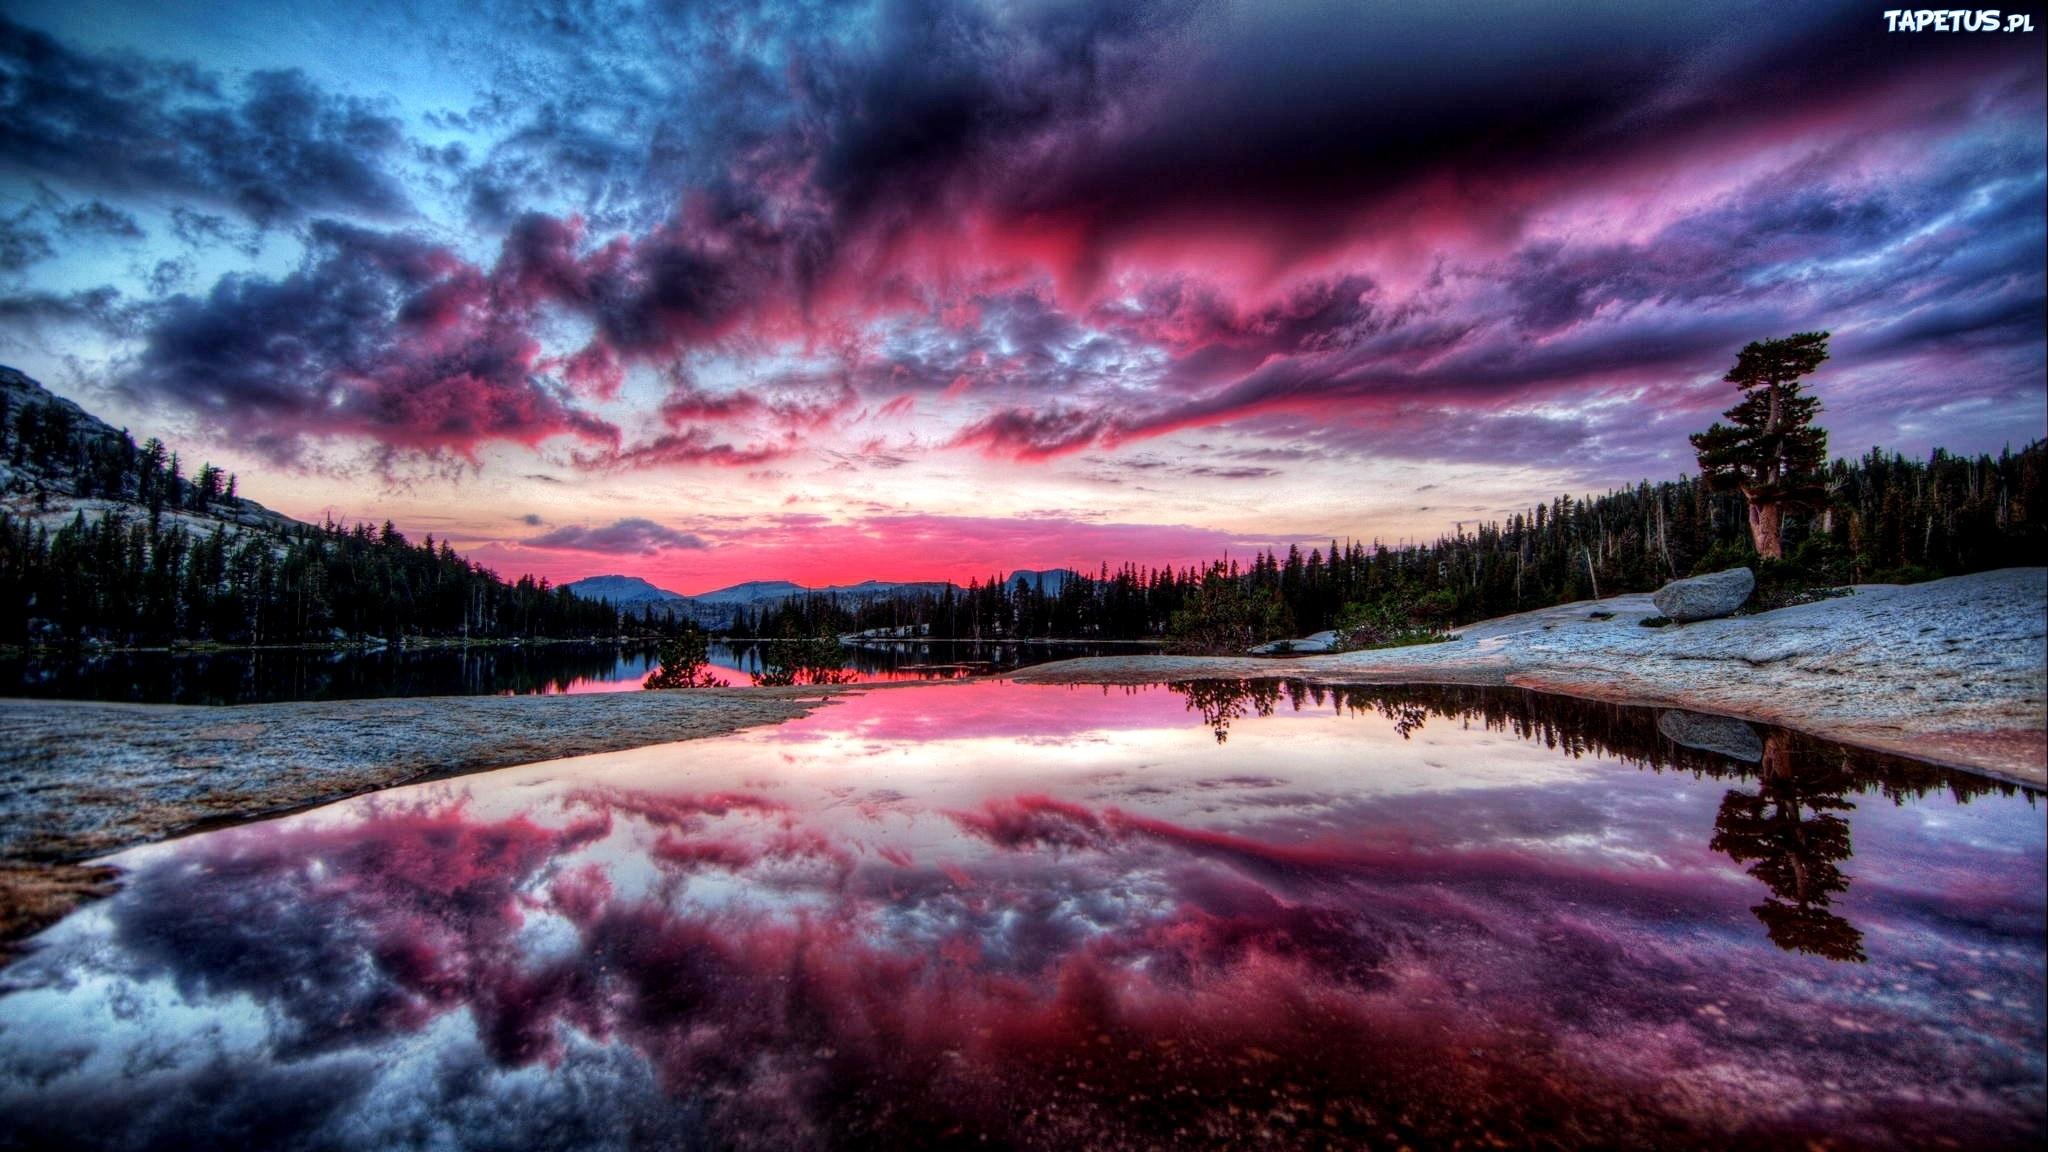 Descargar 2560x1440 Cielo Claro Sobre Las Montañas Nevadas: Góry, Lasy, Purpurowy, Zachód Słońca, Jezioro, Odbicie